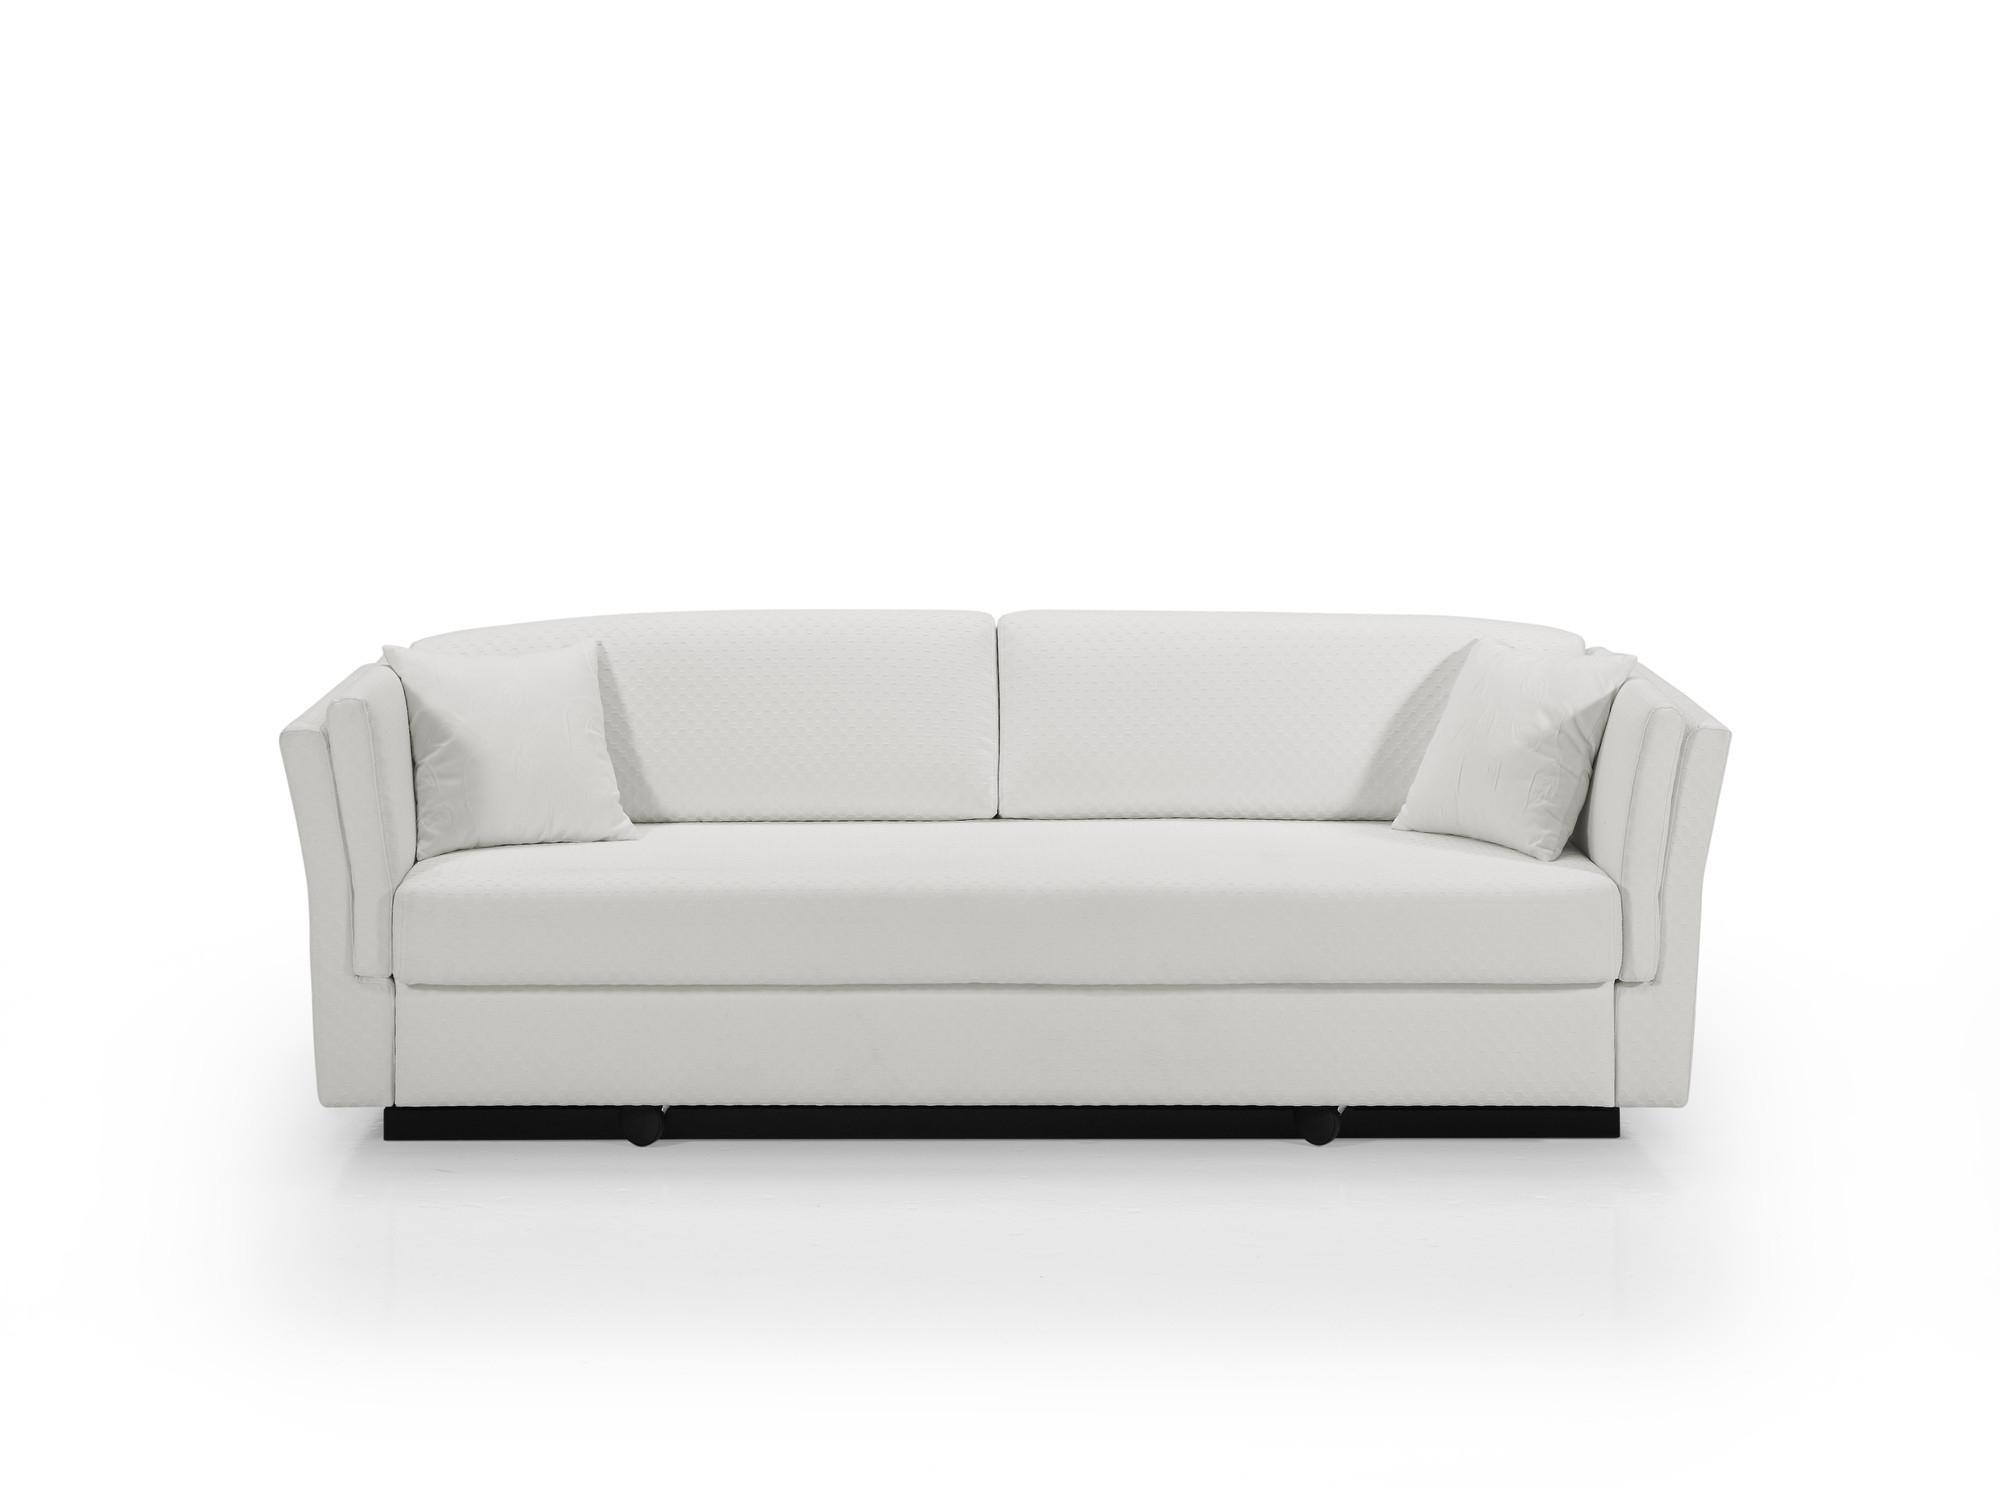 Housse Canapé Convertible 3 Places Beau Photographie La Charmant Choisir Un Canapé Conception  Perfectionner La G Te